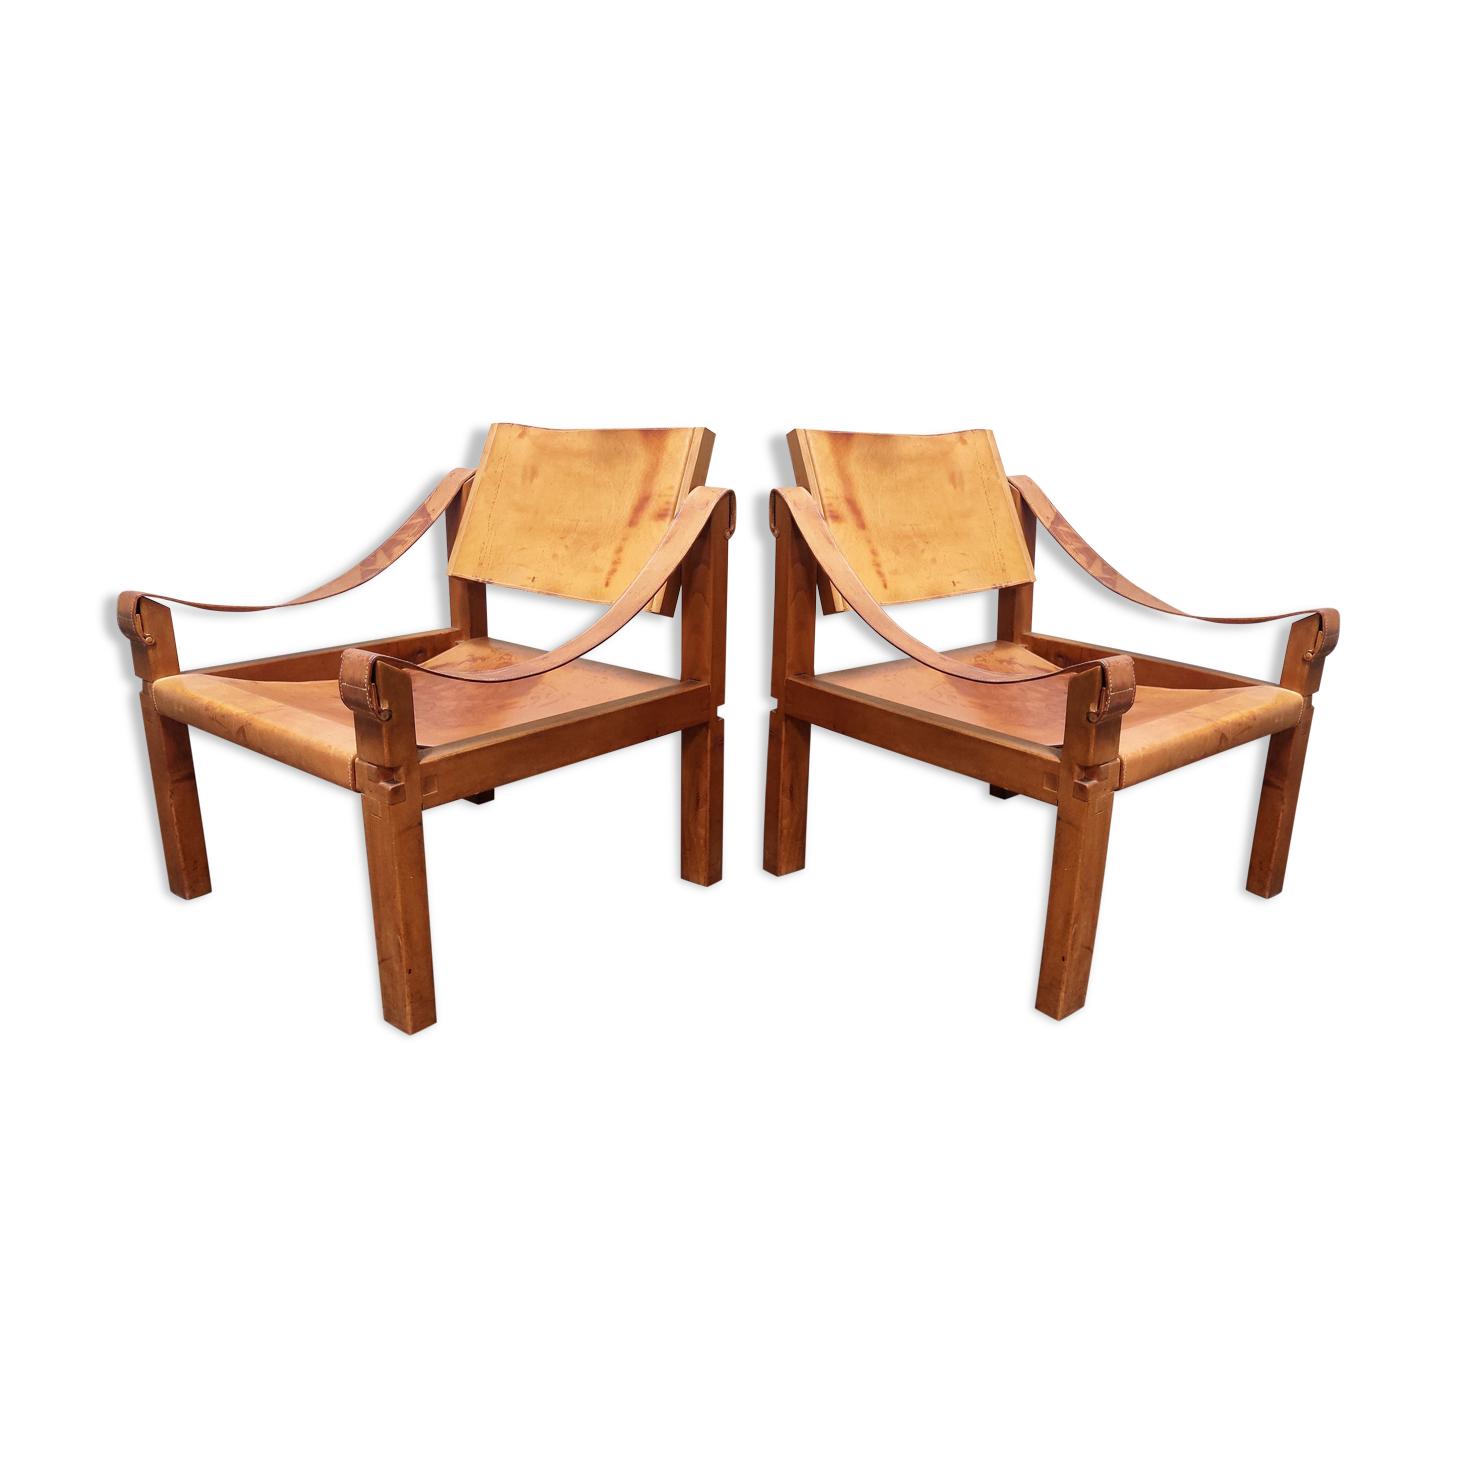 Paire de fauteuils sahara S10 par Pierre Chapo, France années 1960